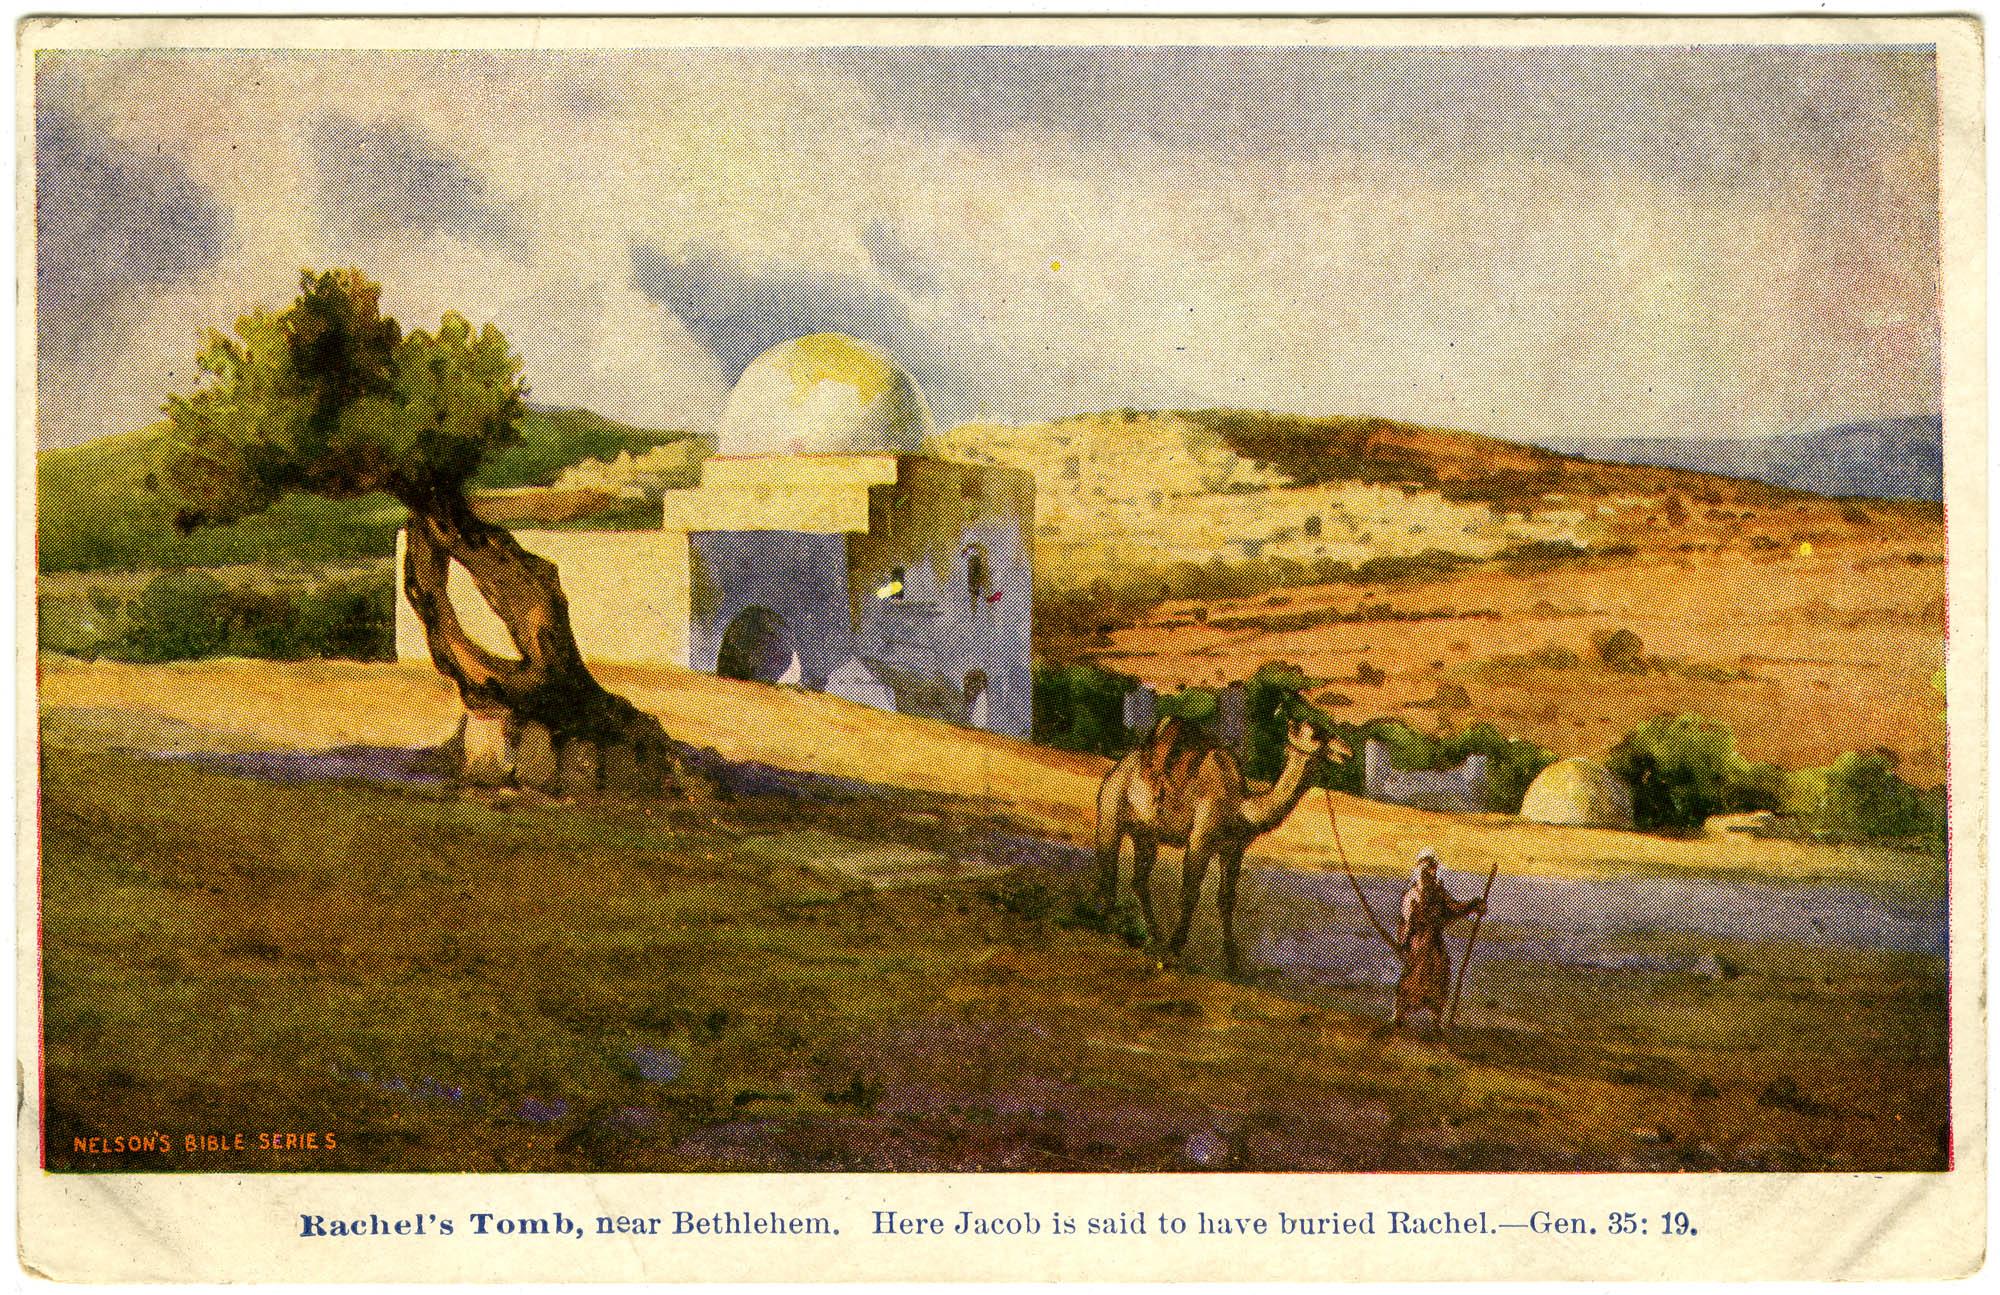 Rachel's Tomb, near Bethlehem